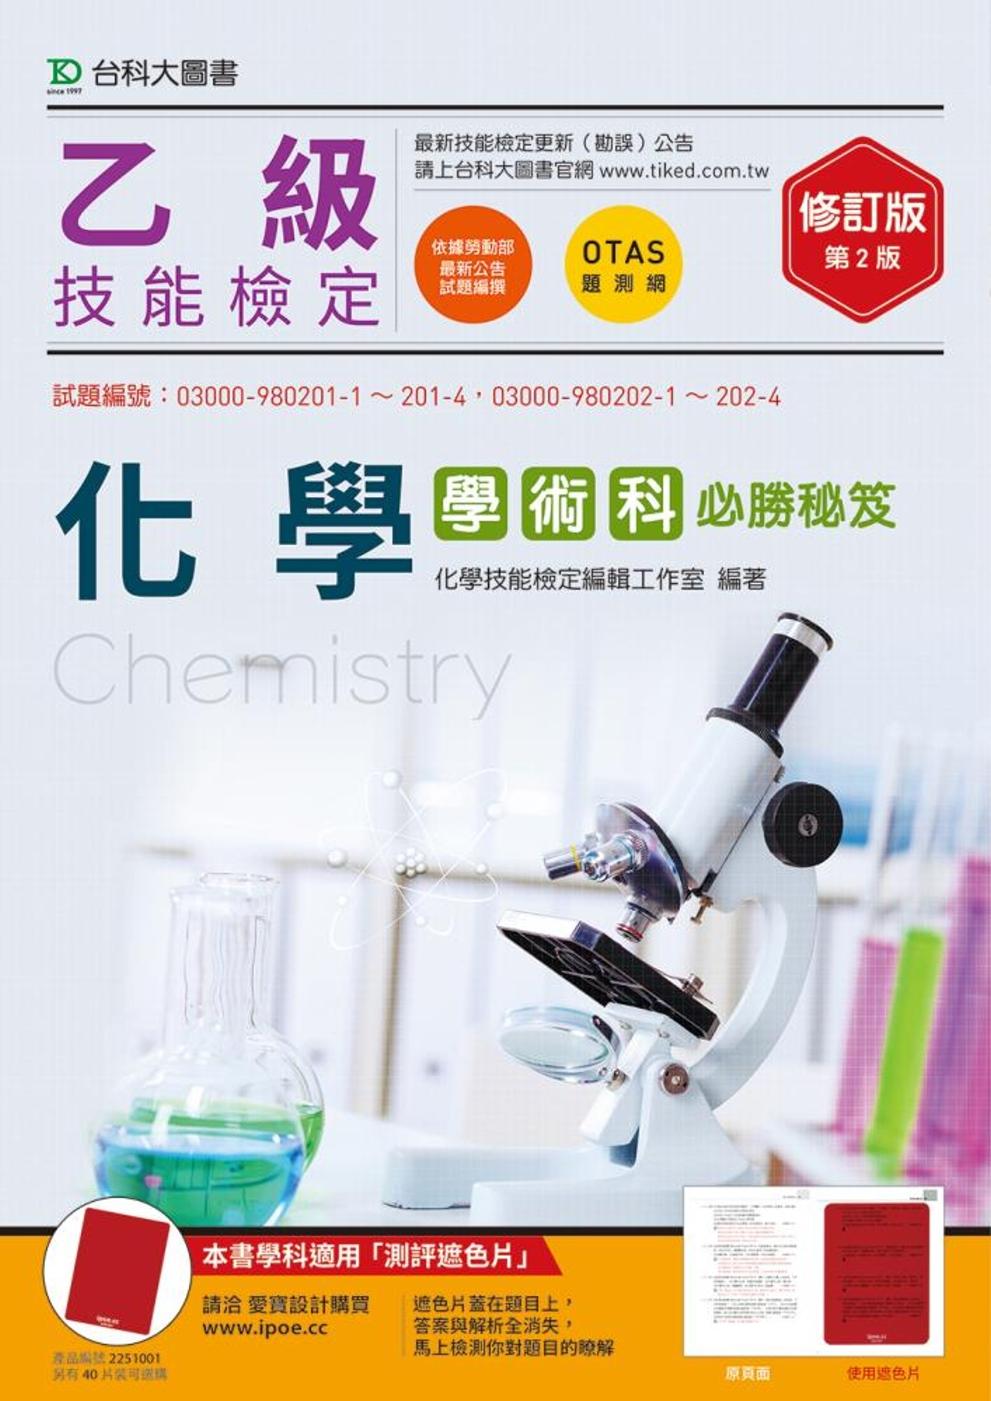 乙級化學學術科必勝秘笈 - 修訂版(第二版) - 附贈OTAS題測系統